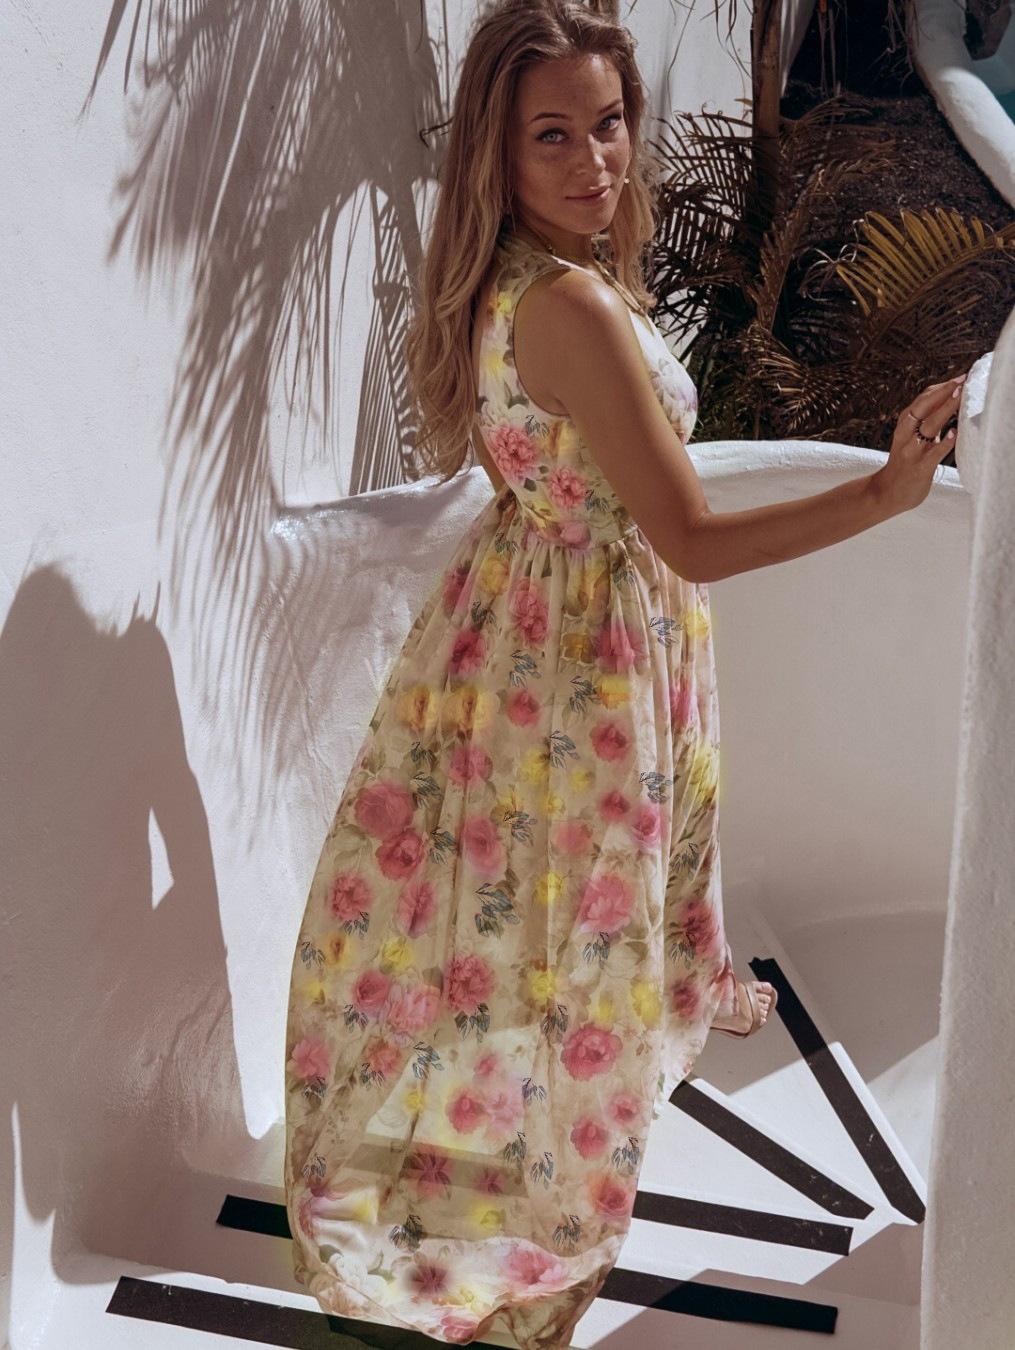 セクシーなディープ v ネック花プリント  夏のノースリーブエレガントなシフォンドレス春スプリットロングドレス